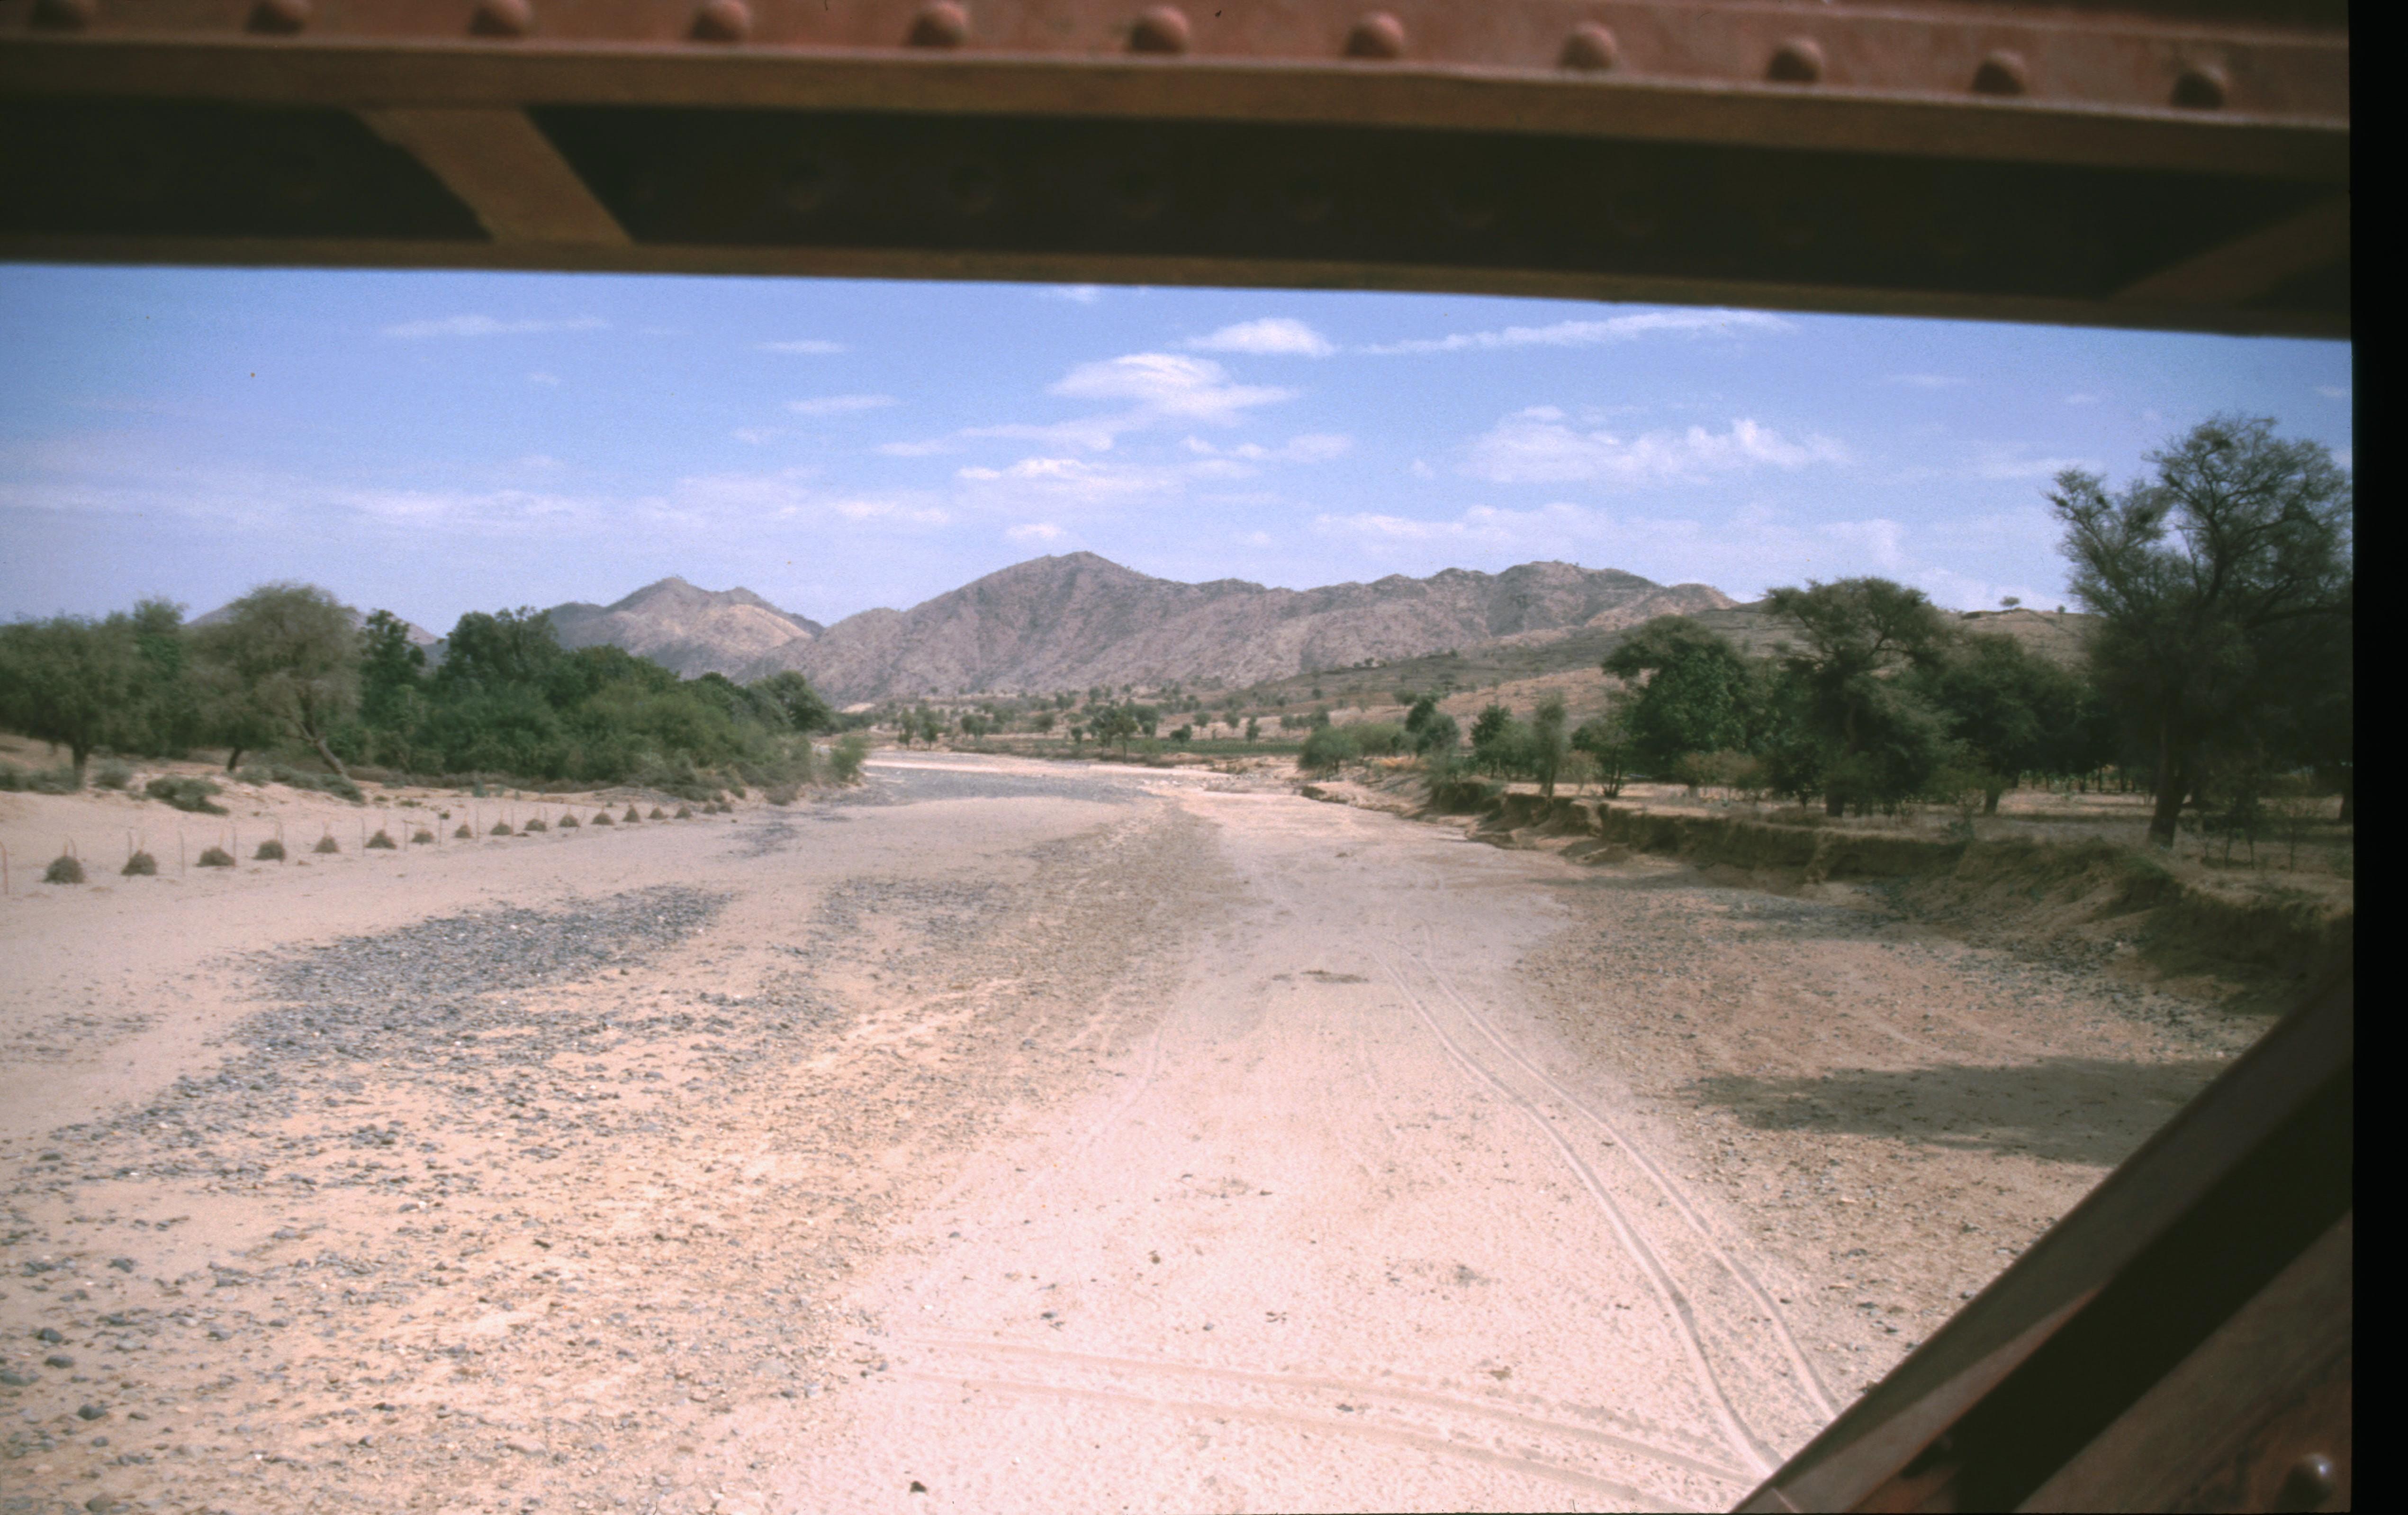 654 Grenze Eritrea-Äthiopien verläuft im Wadi